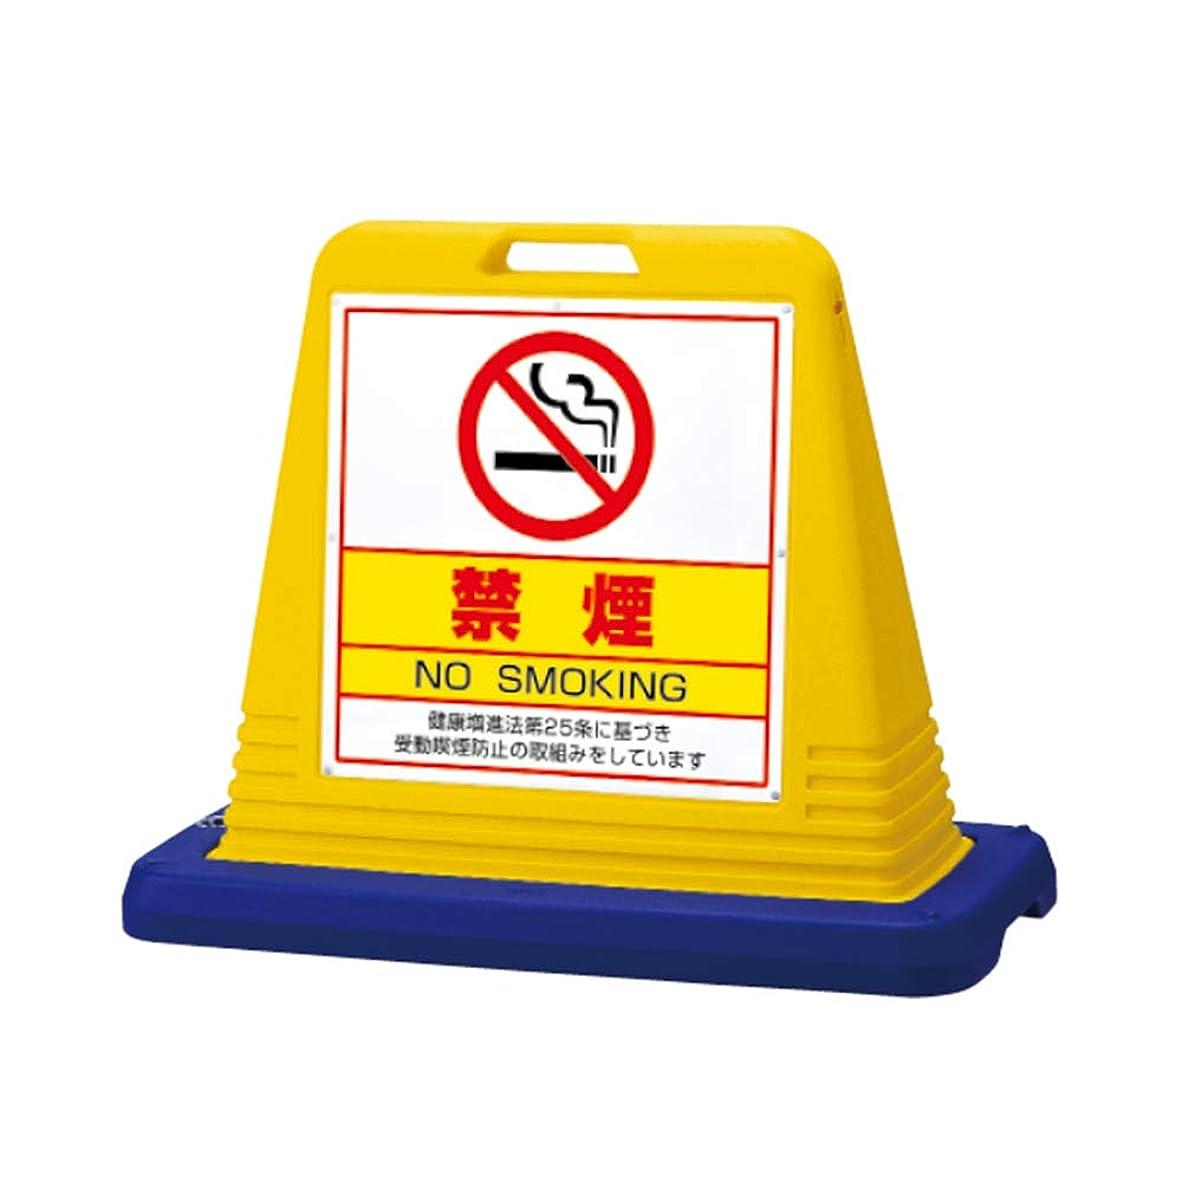 入場料自転車支配的サインキューブ 禁煙 両面 WT付 ユニット 874-192A